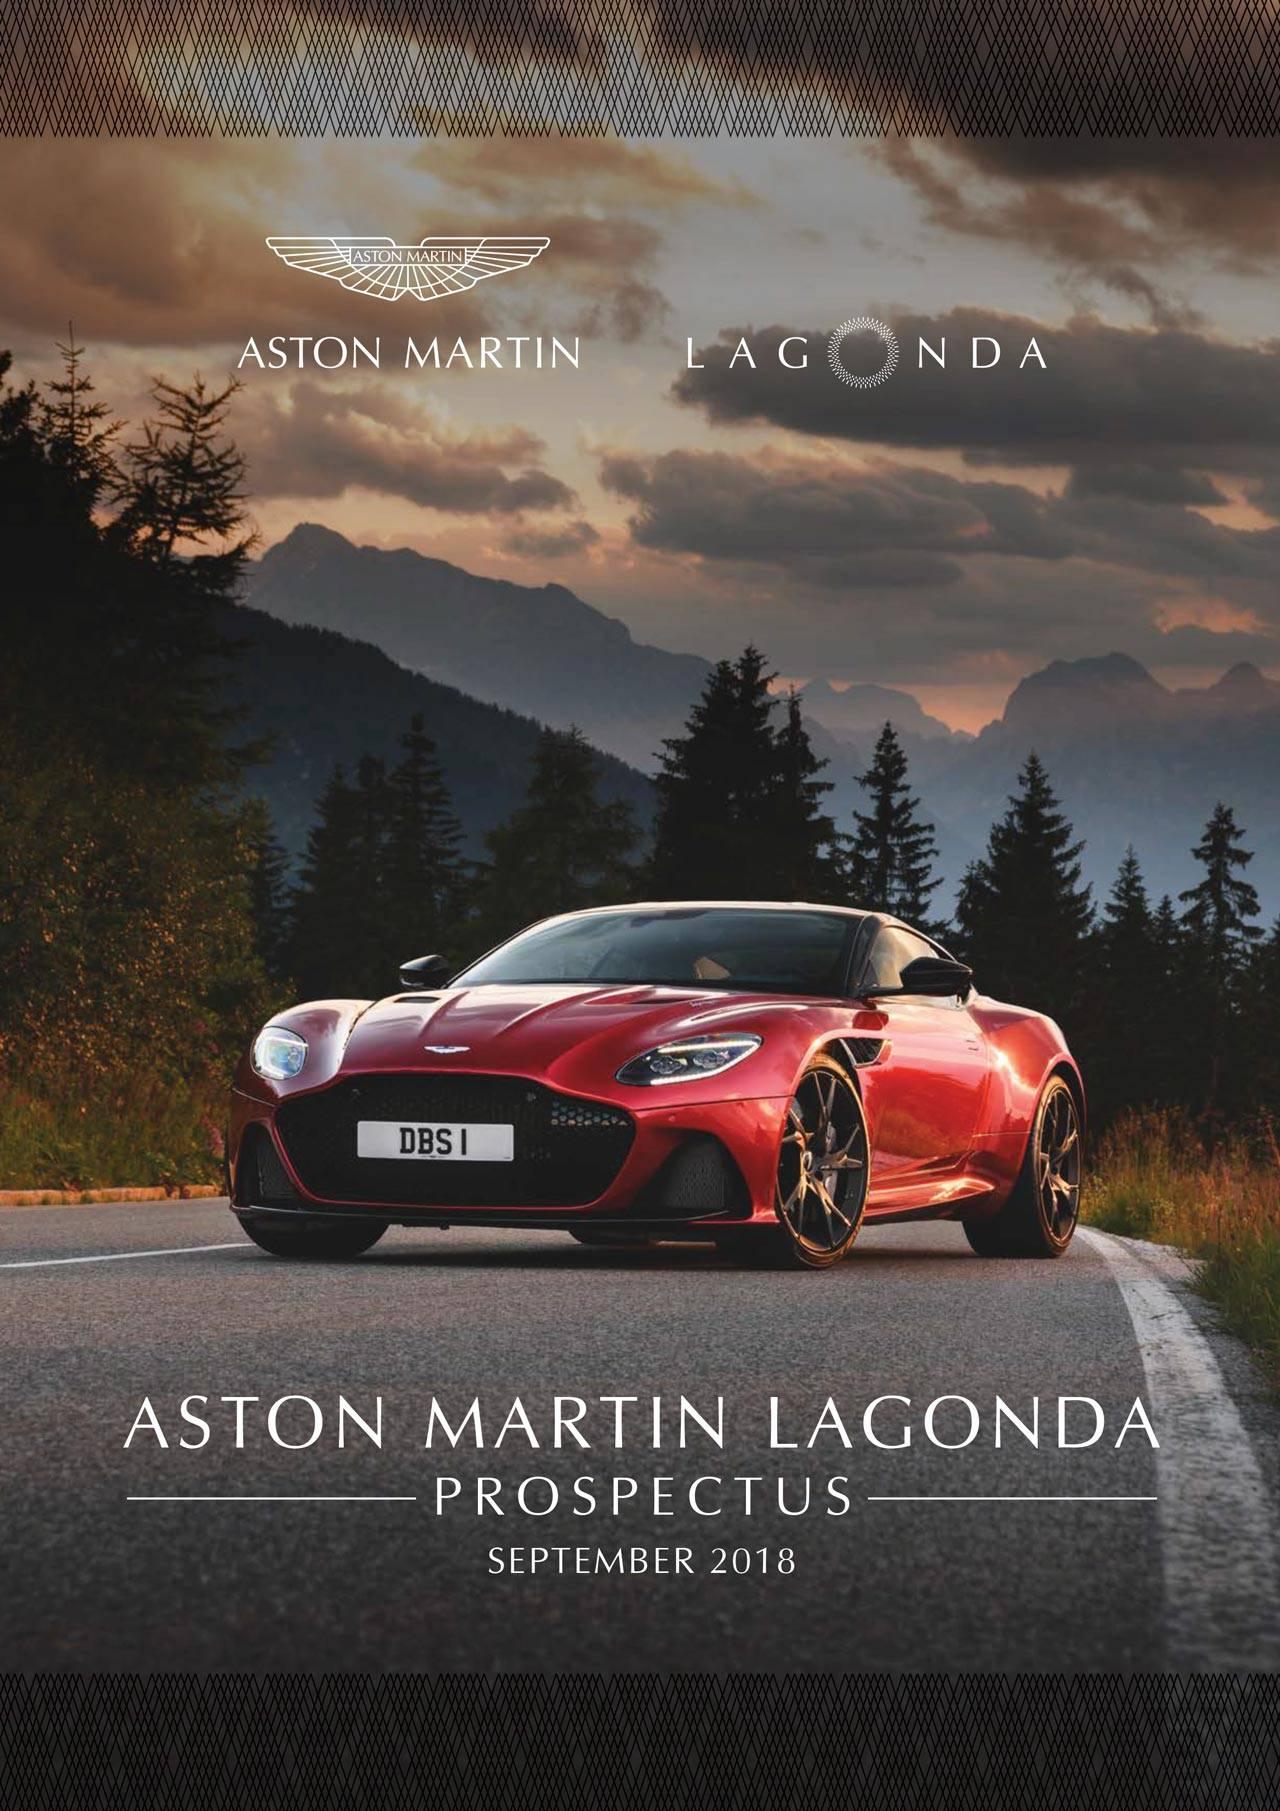 Aktie Aston Martin